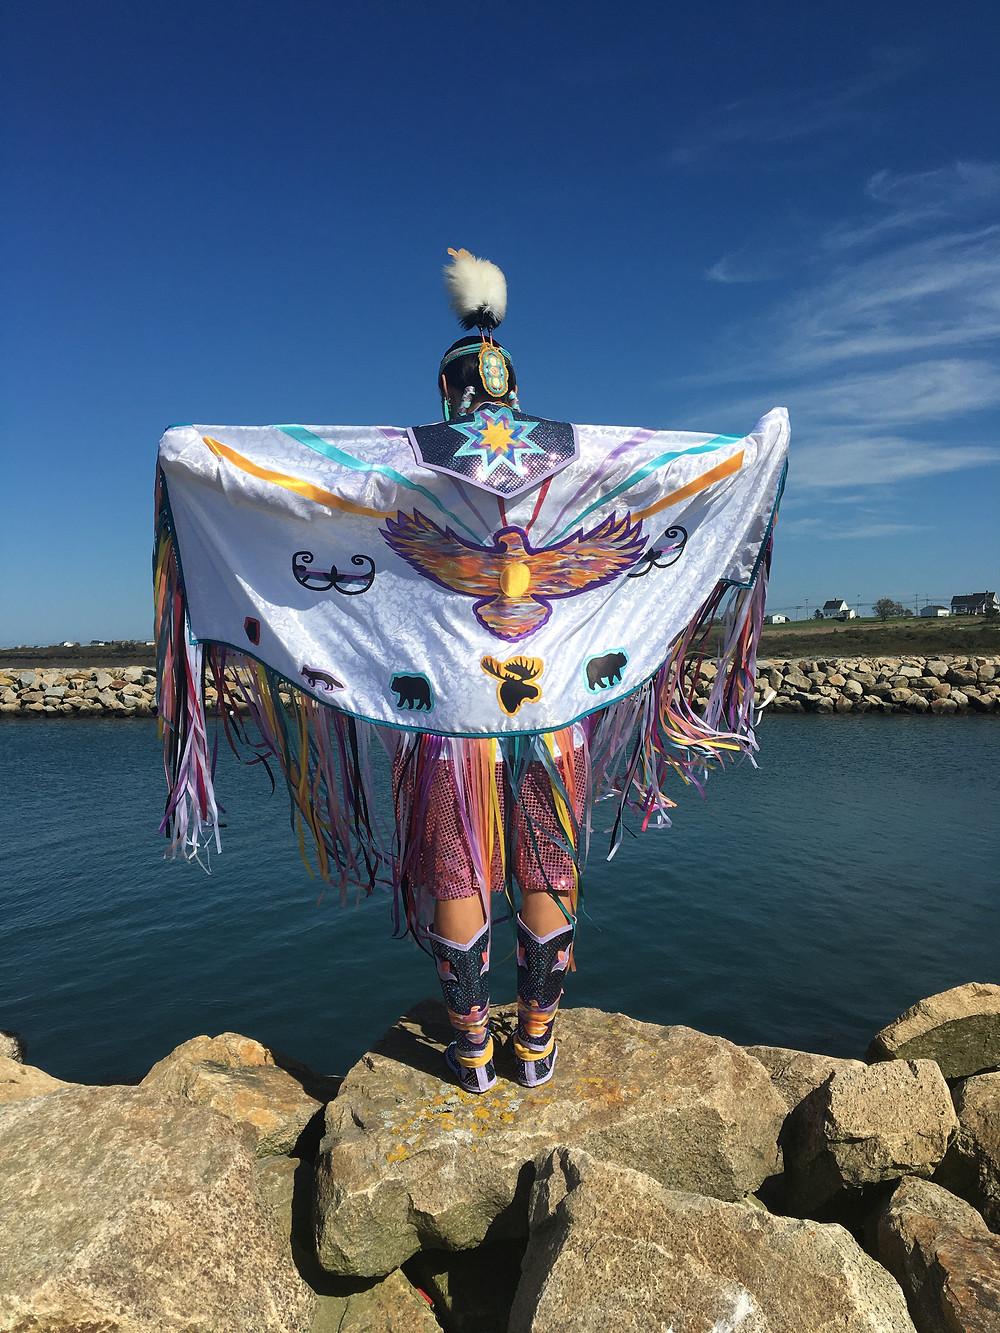 Mi'kmaq Native Indigenous Powwow Injustice